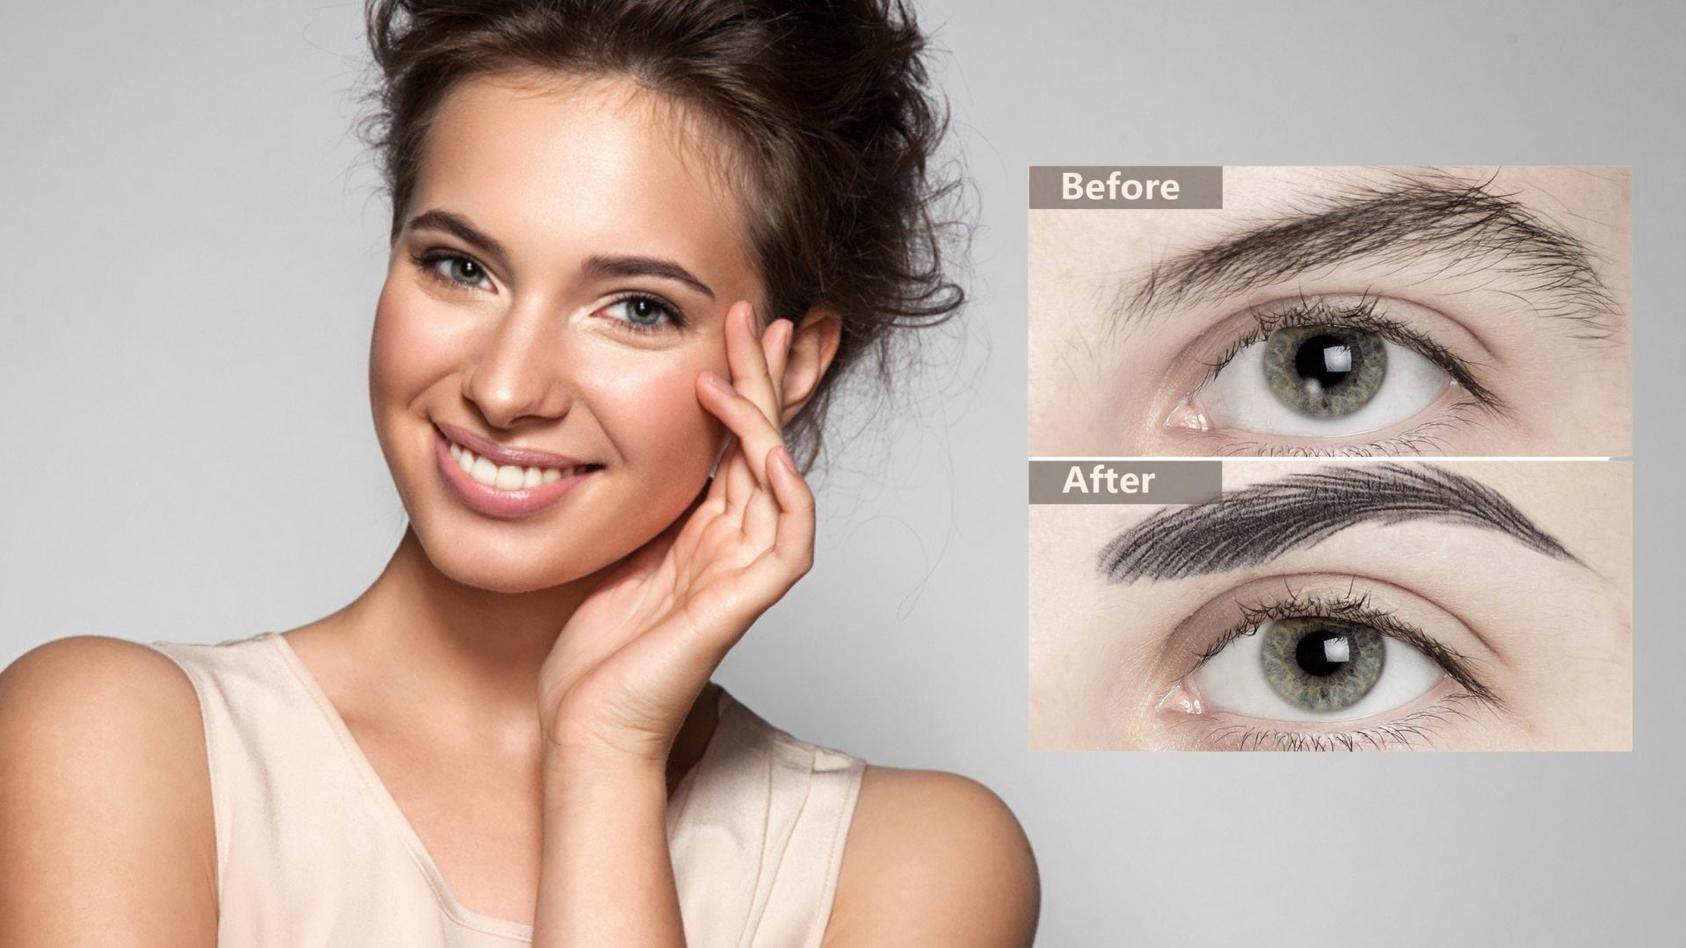 Microblading oder Aufkleber für die Augenbrauen benutzen? Viele Frauen entscheiden sich inzwischen für die Aufkleber-Variante.